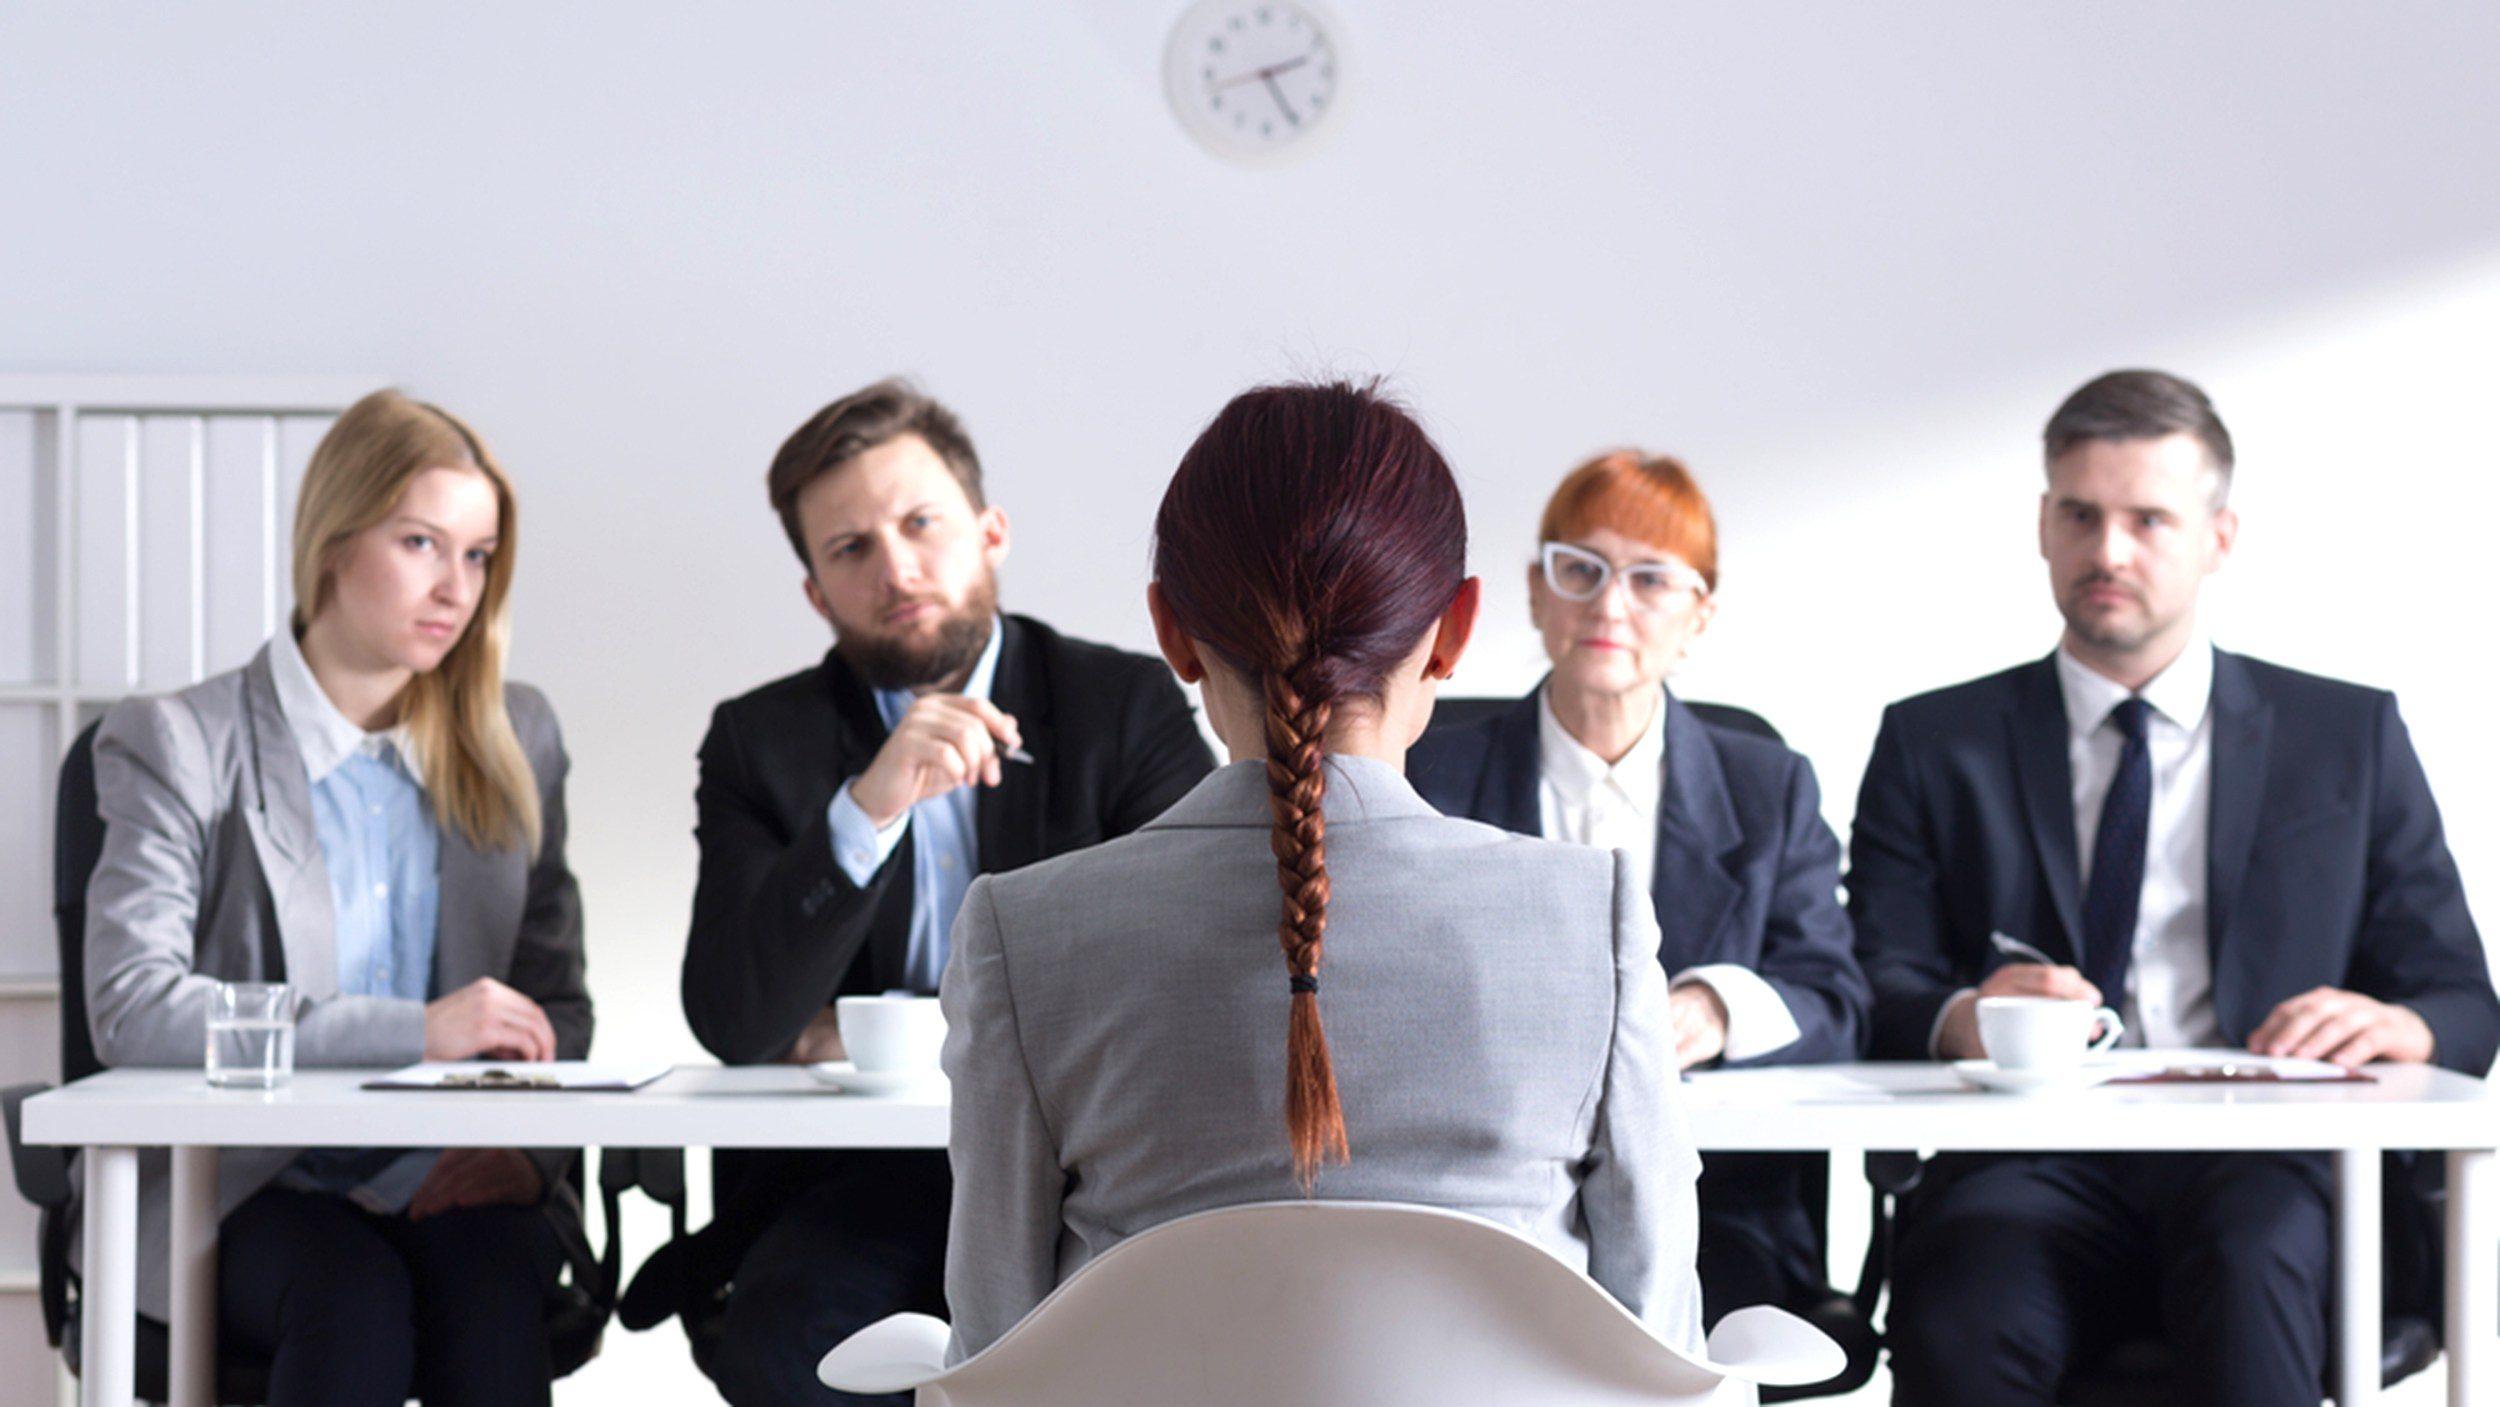 11 điều cần biết khi đi phỏng vấn